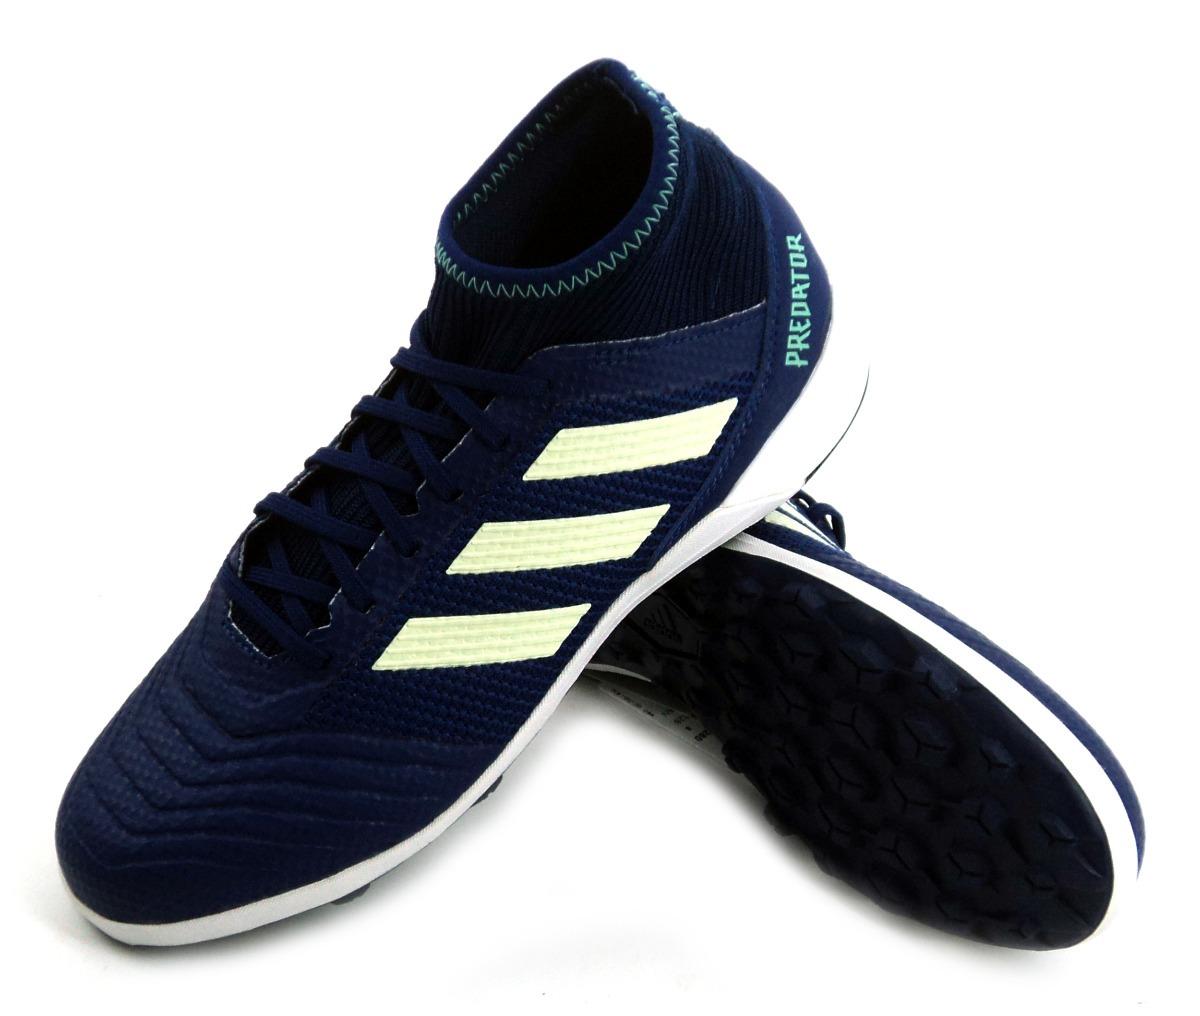 ... norway zapatilla botin adidas predator tango 18.3 azul empo2000.  cargando zoom. 5f5dc 0141c b775f40a7d573